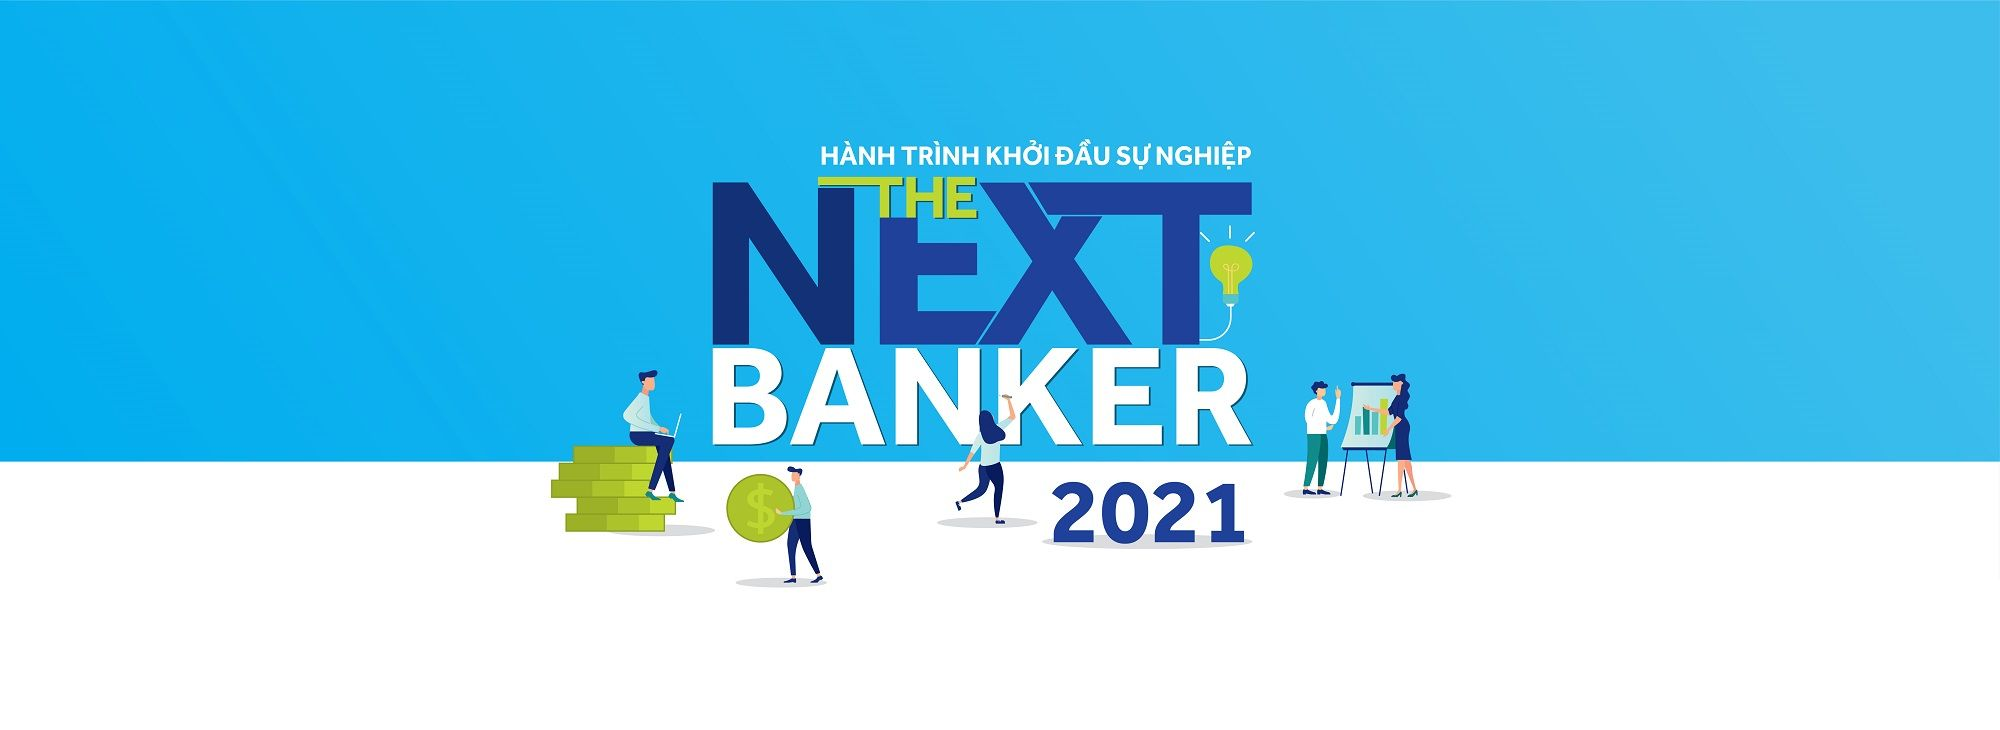 The Next Banker 2021 - Hành trình khởi đầu sự nghiệp